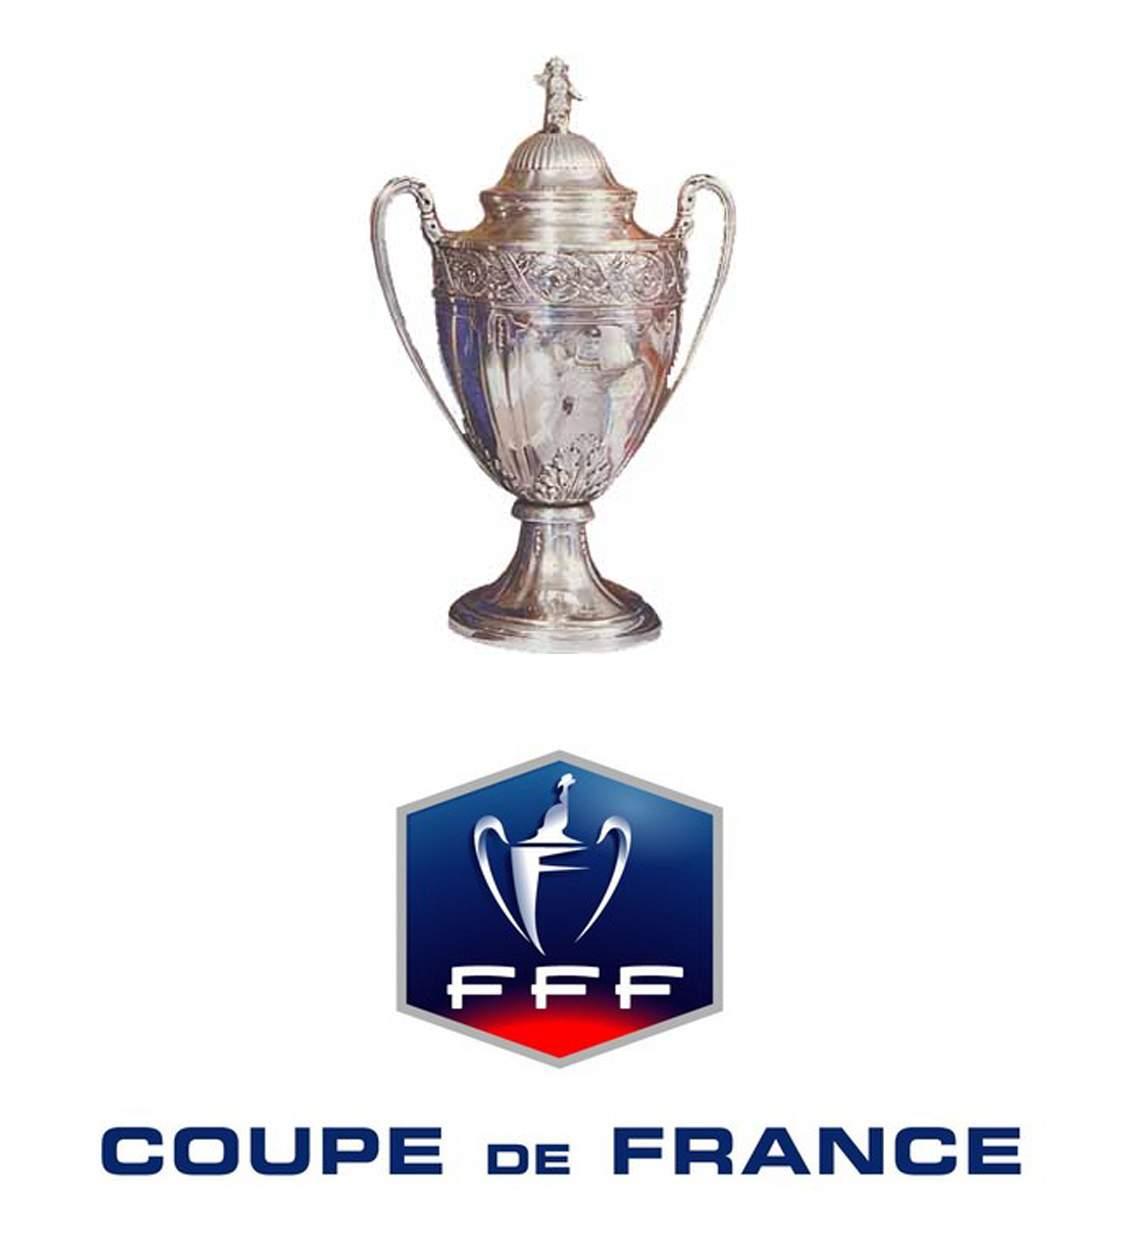 Actualit coupe de france 2016 2017 1er tour le club football courtry football footeo - Coupe de france retransmission ...